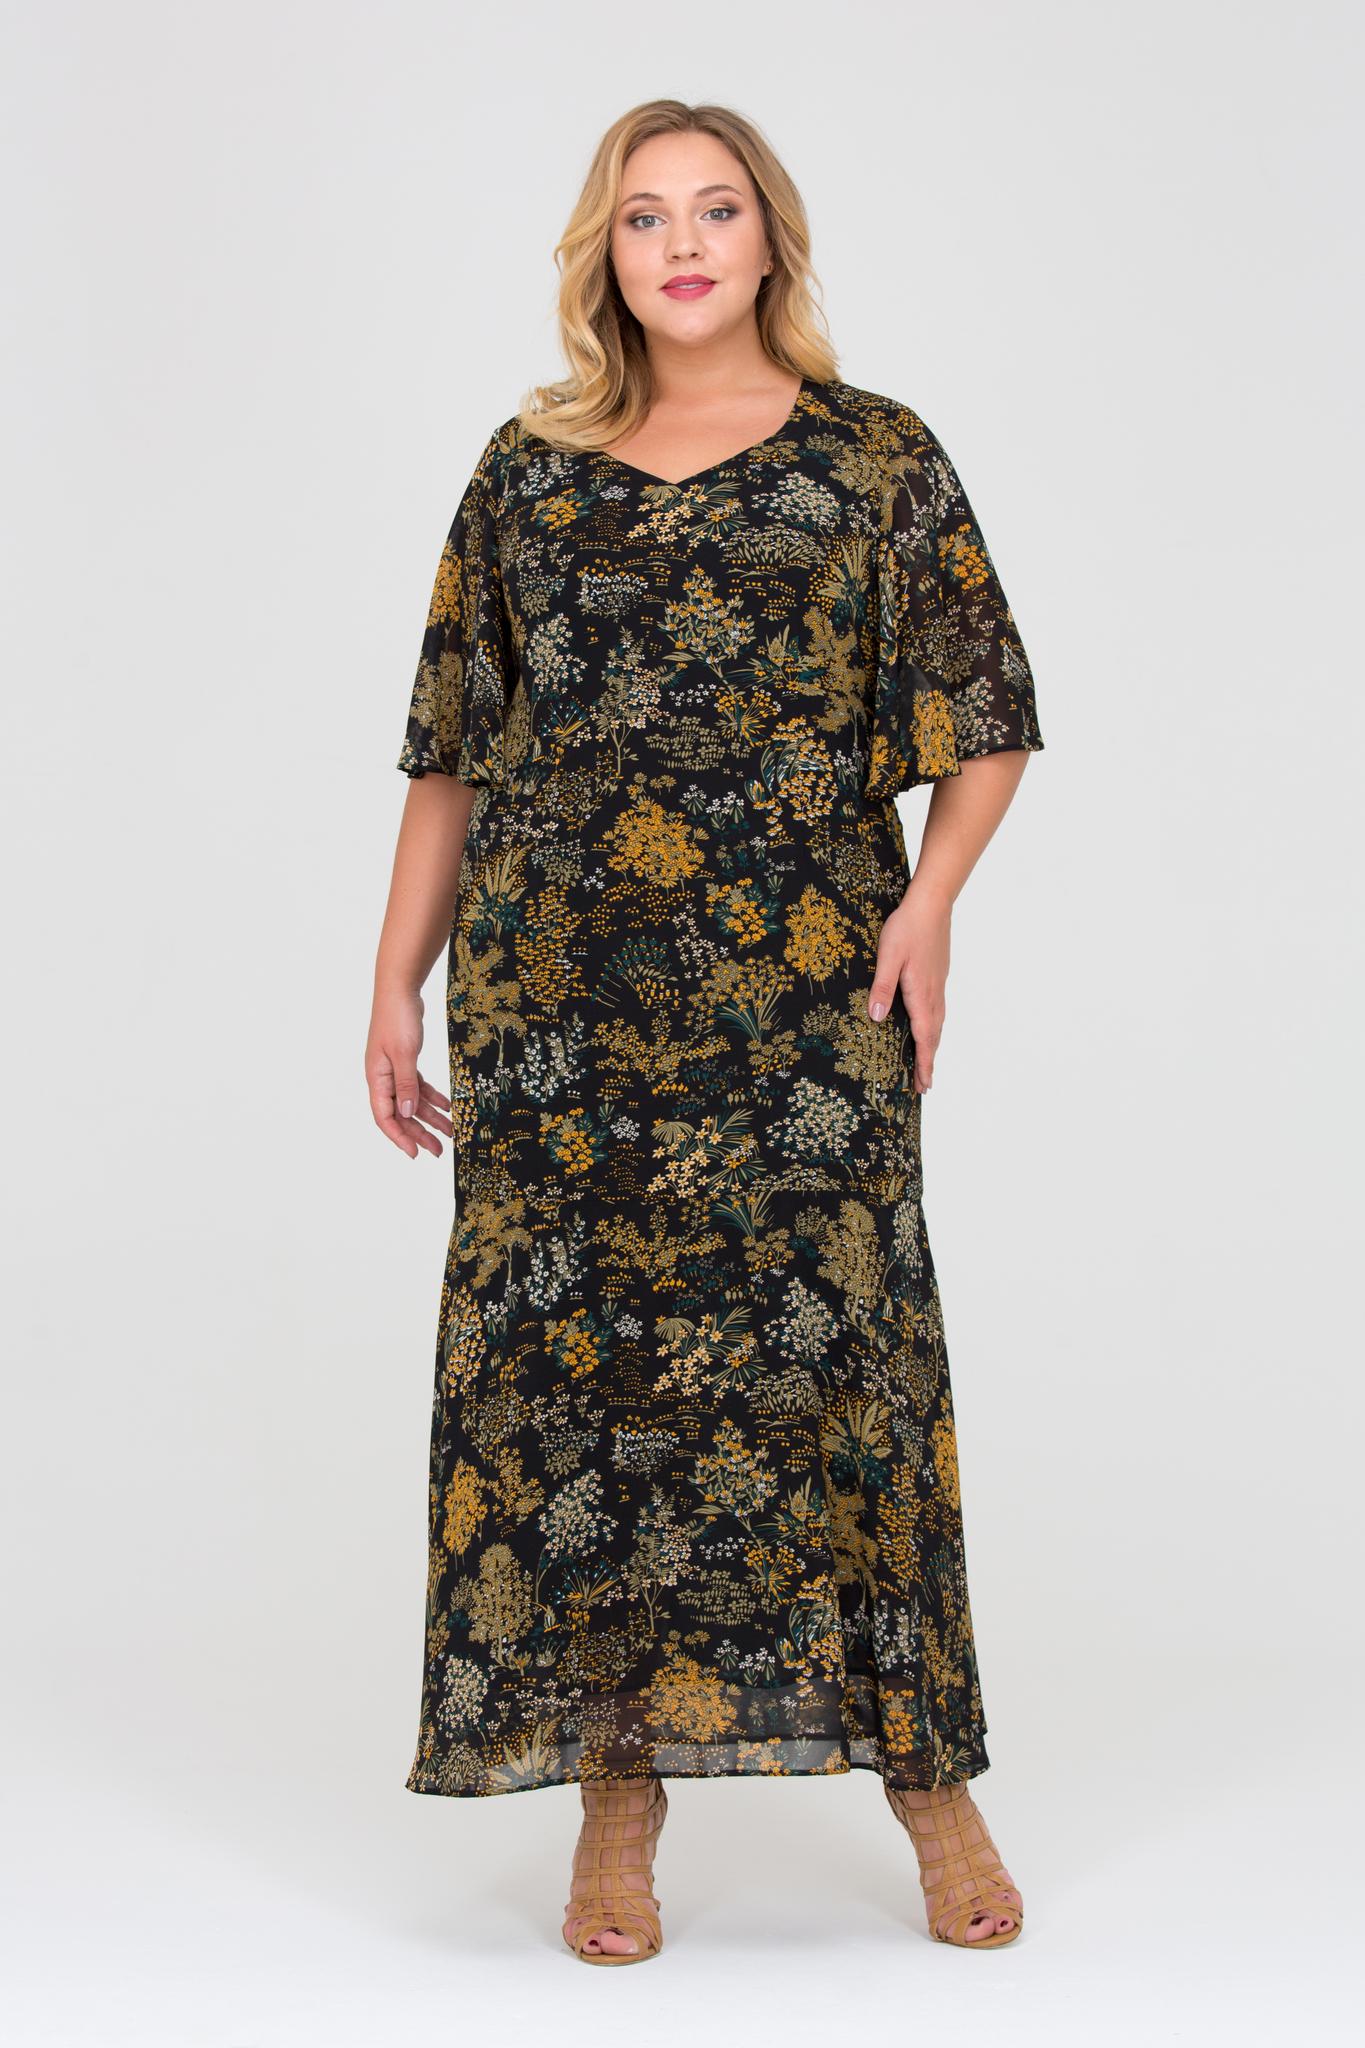 ОДЕЖДА Платье Тэсия черный a303ab60a483d8dfed342ecb77b85106___копия.jpg